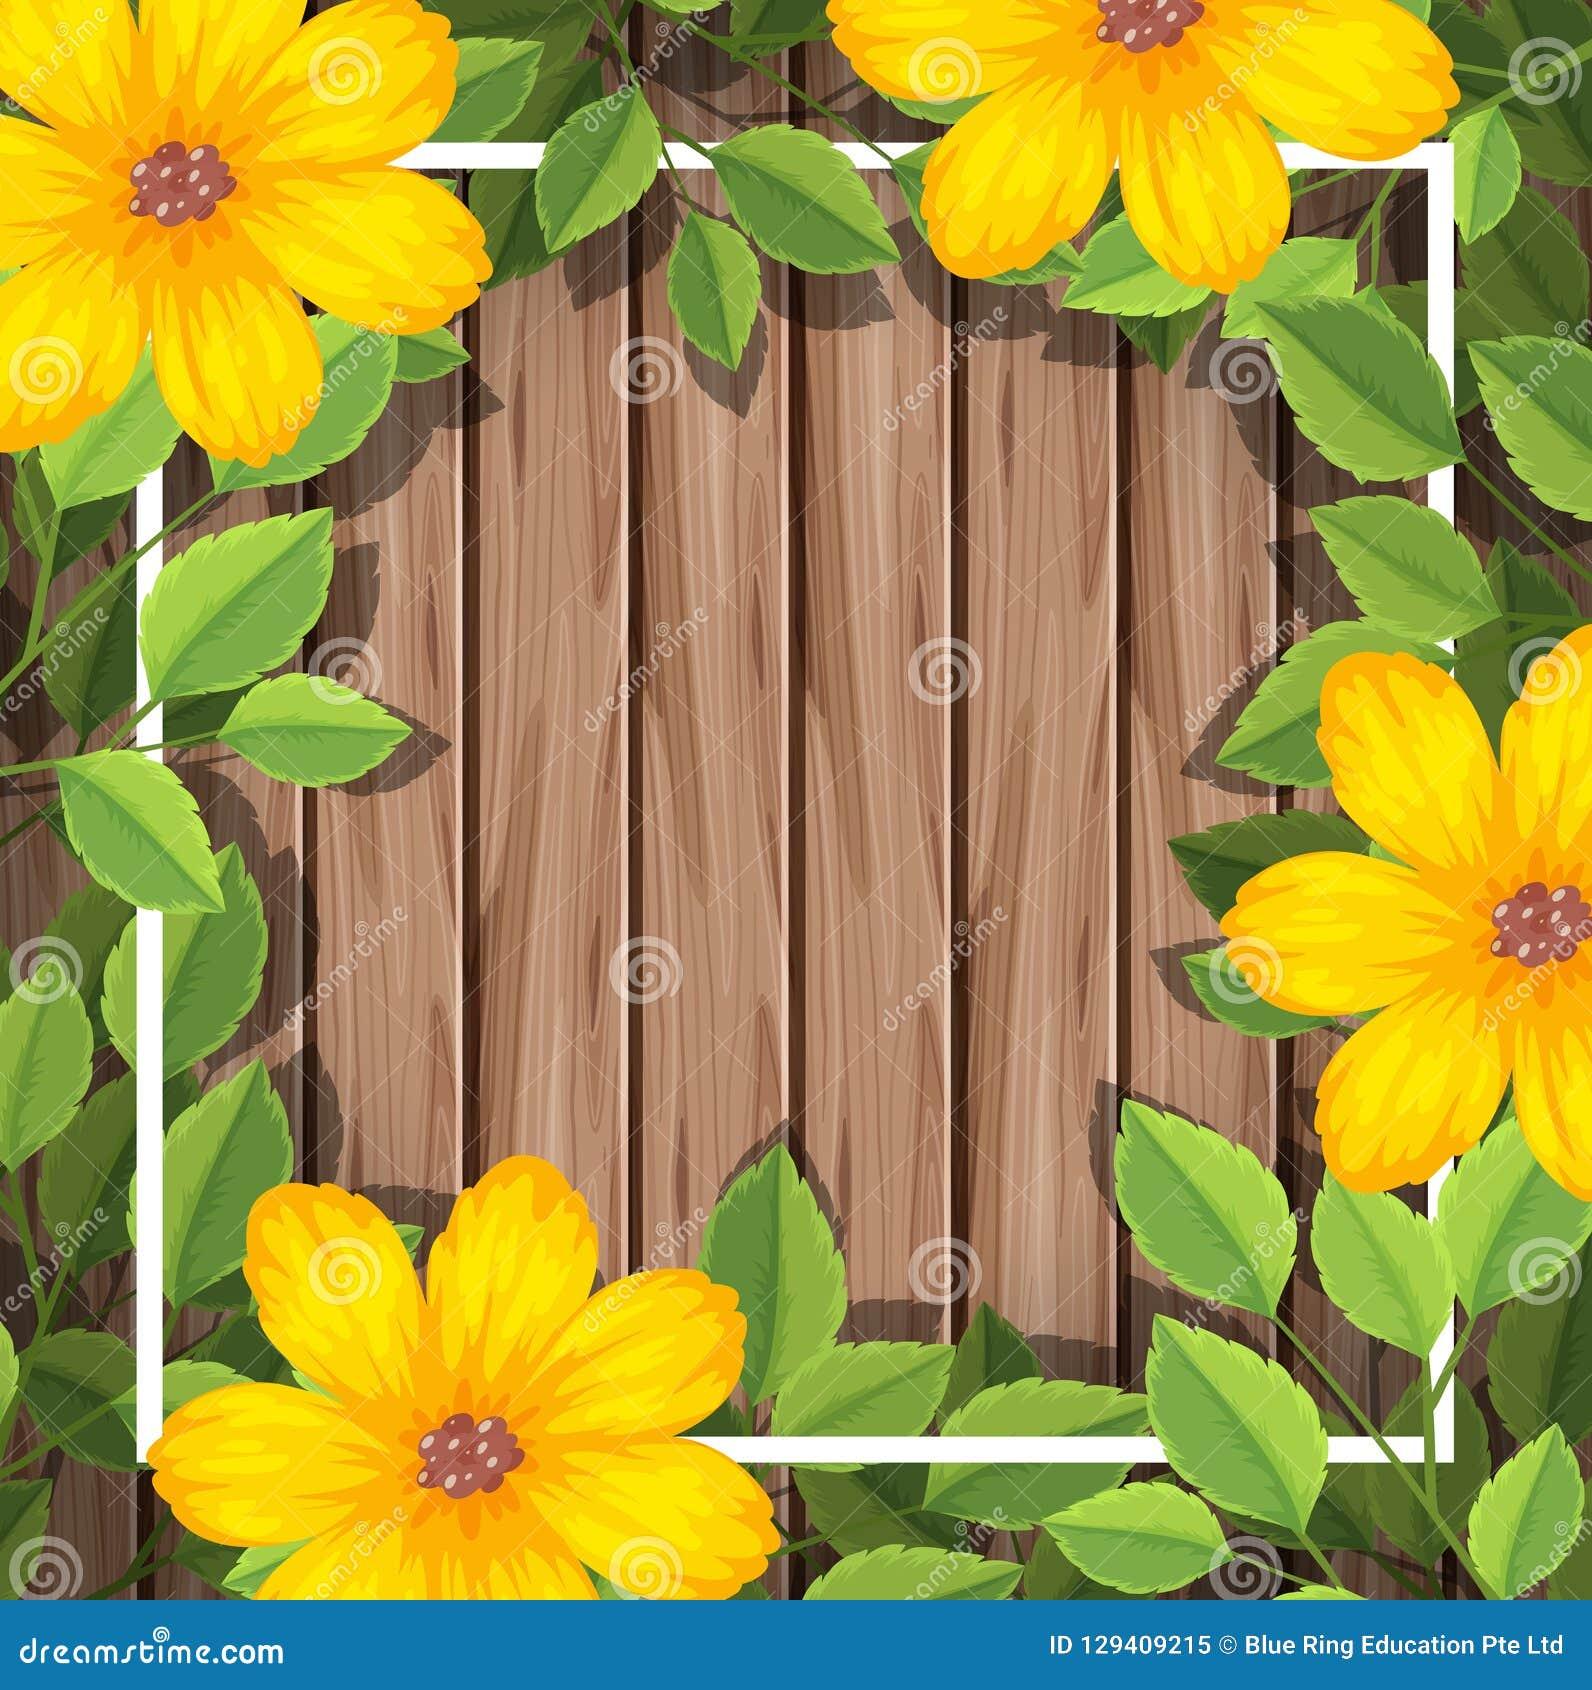 Fiore giallo sulla struttura di legno